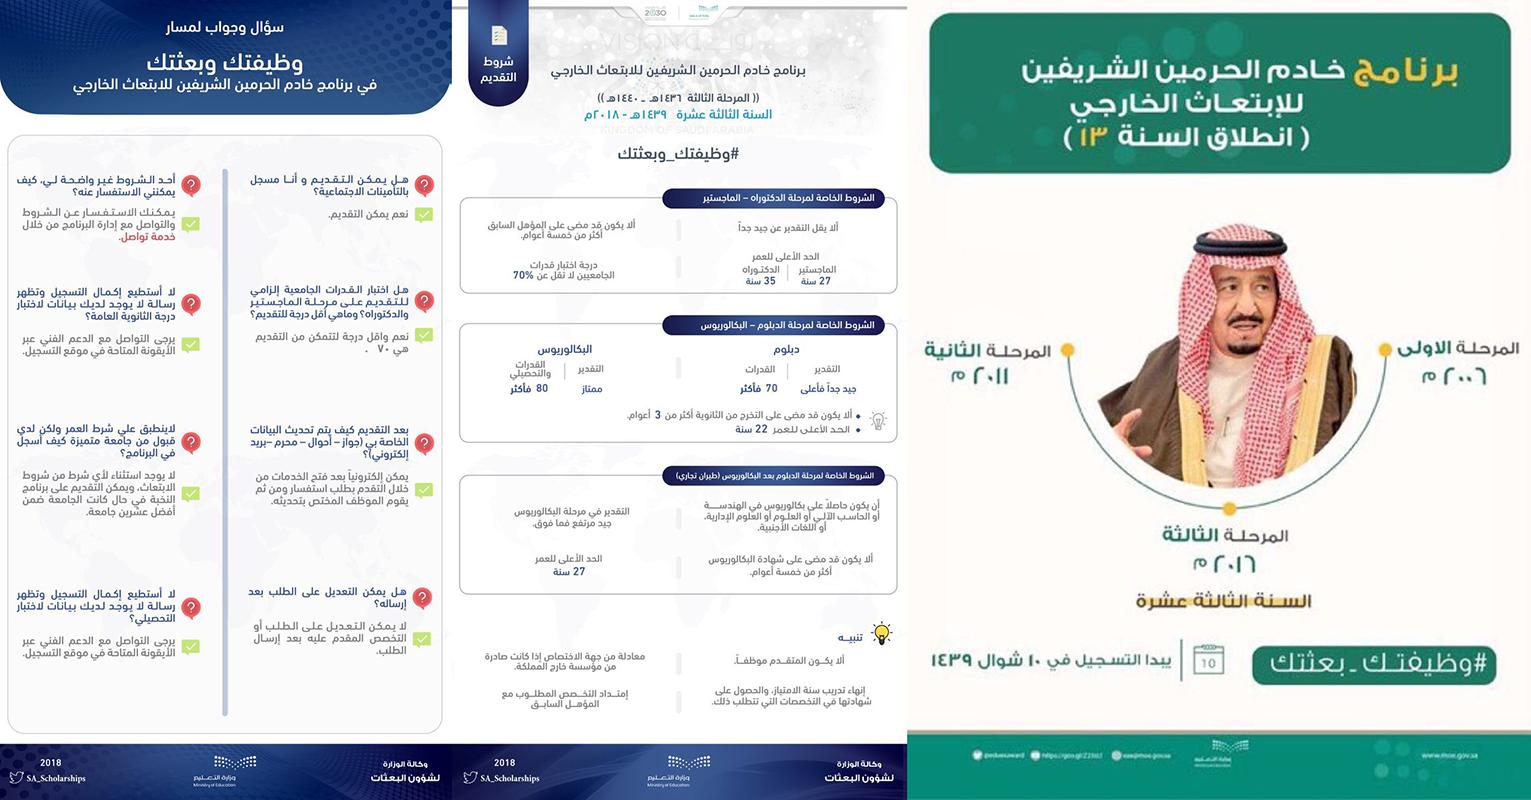 وزارة التعليم تعلن فتح التسجيل في برنامج الابتعاث الخارجي وظيفتك